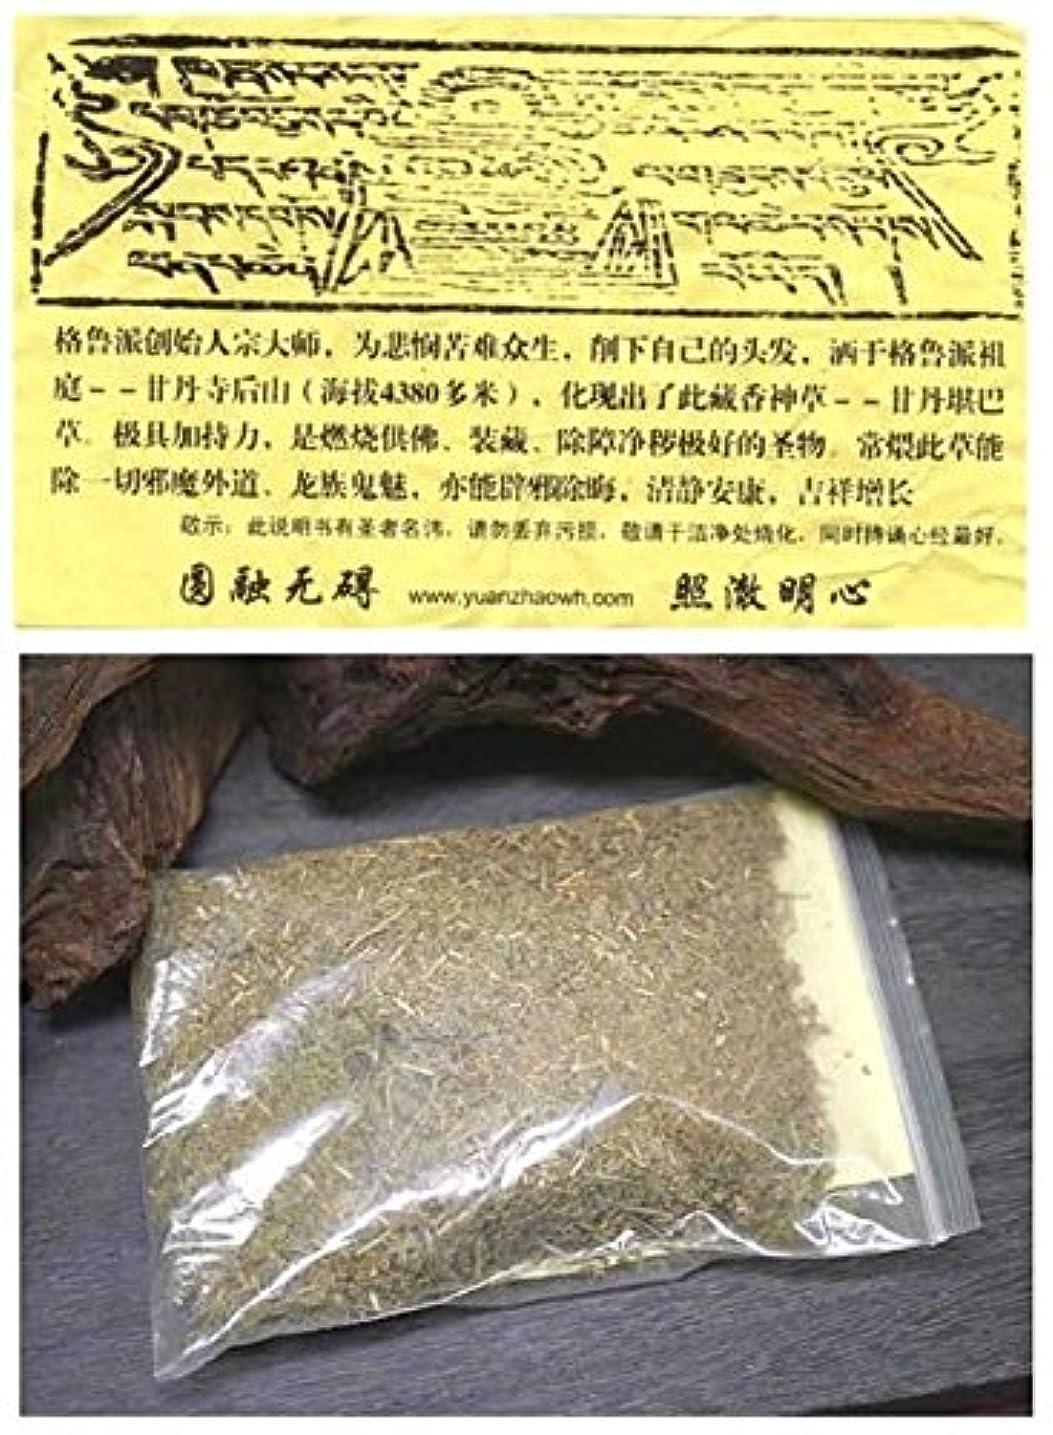 テスピアン未来アドバンテージ照文化 チベットのガンデン寺近くで採取される神草のお香【甘丹堪巴草】 照文化